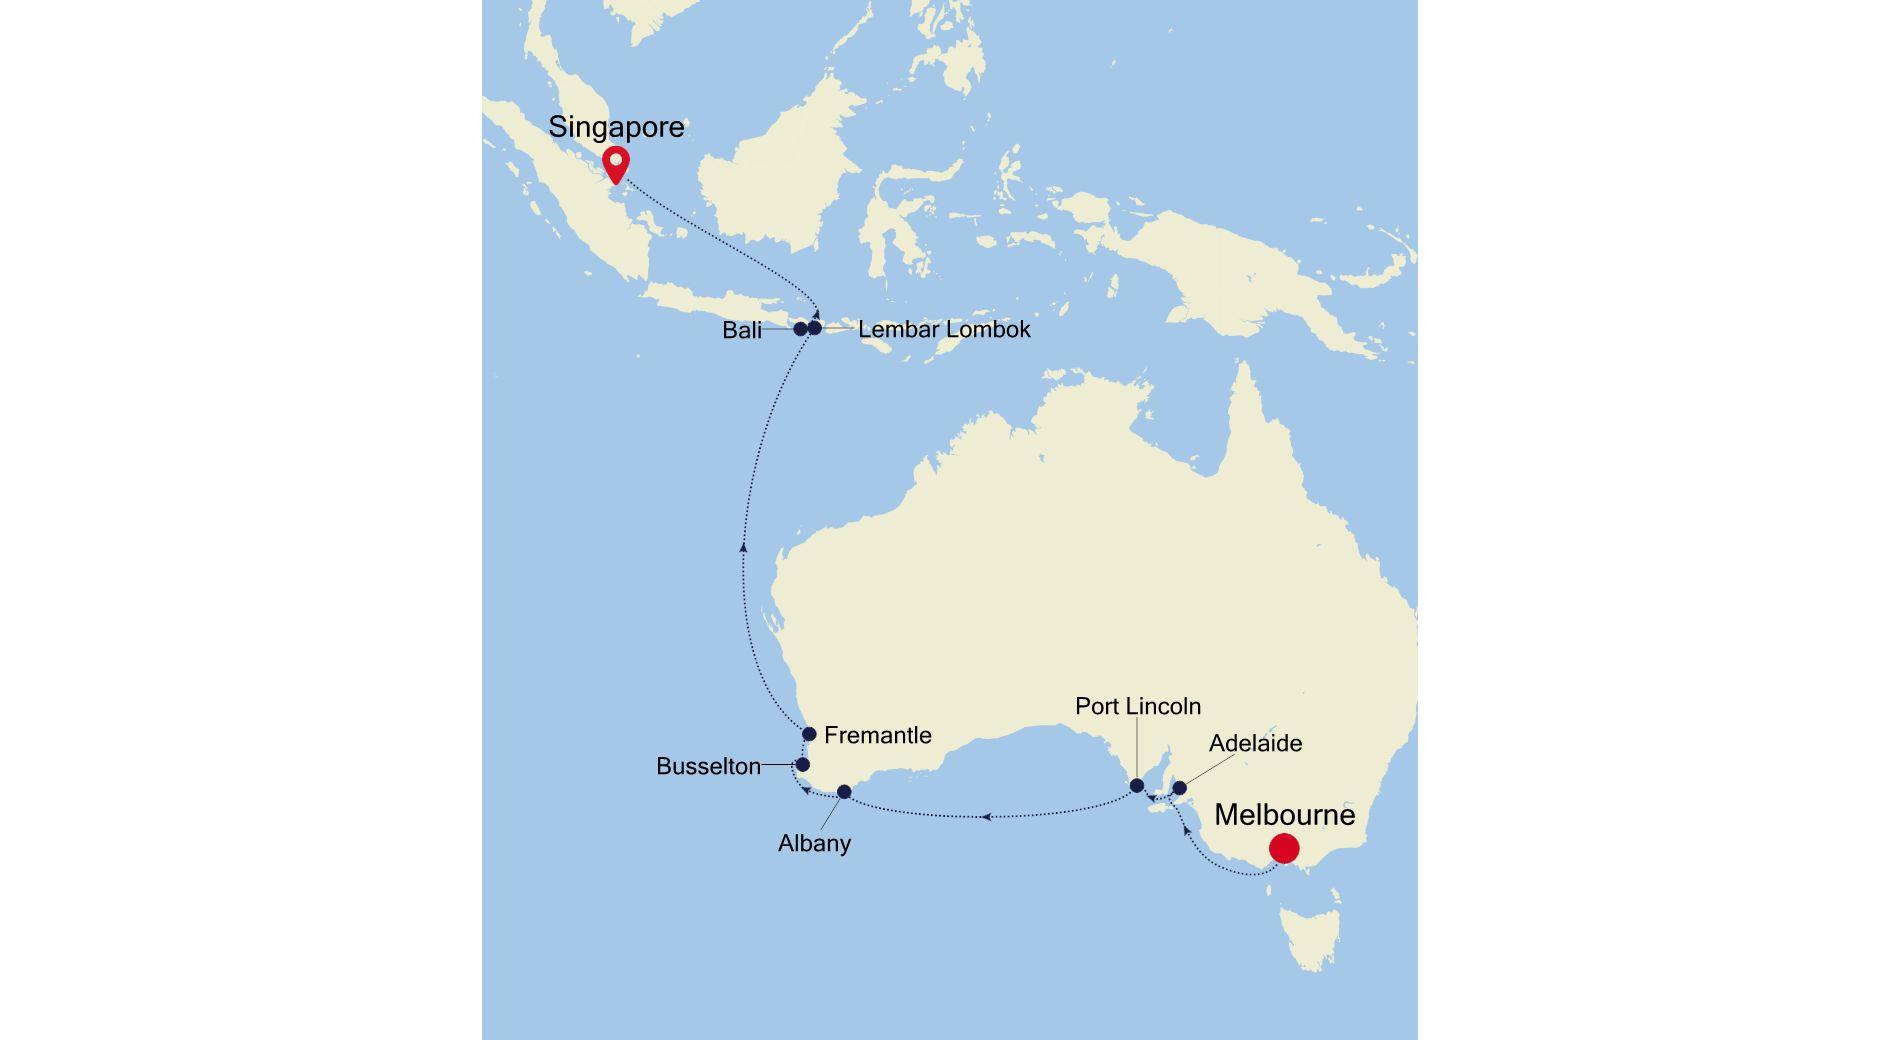 SM220221S16 - Melbourne a Singapore